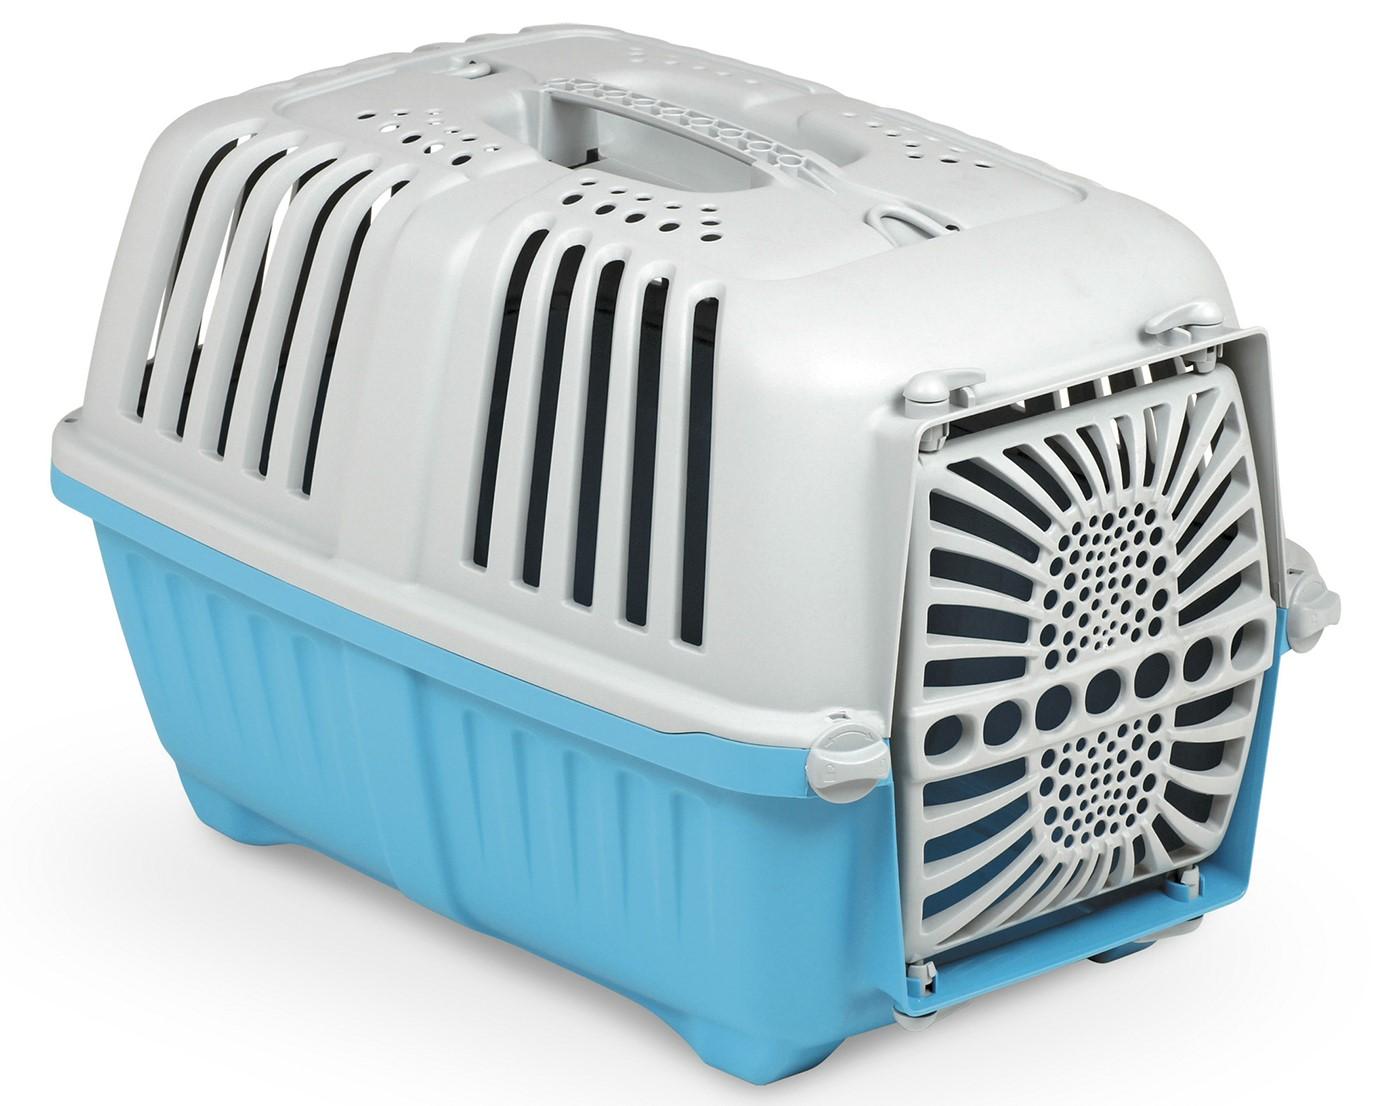 MPS Pratiko 1 plast – переноска для кішок і собак, 48×33×31,5 см